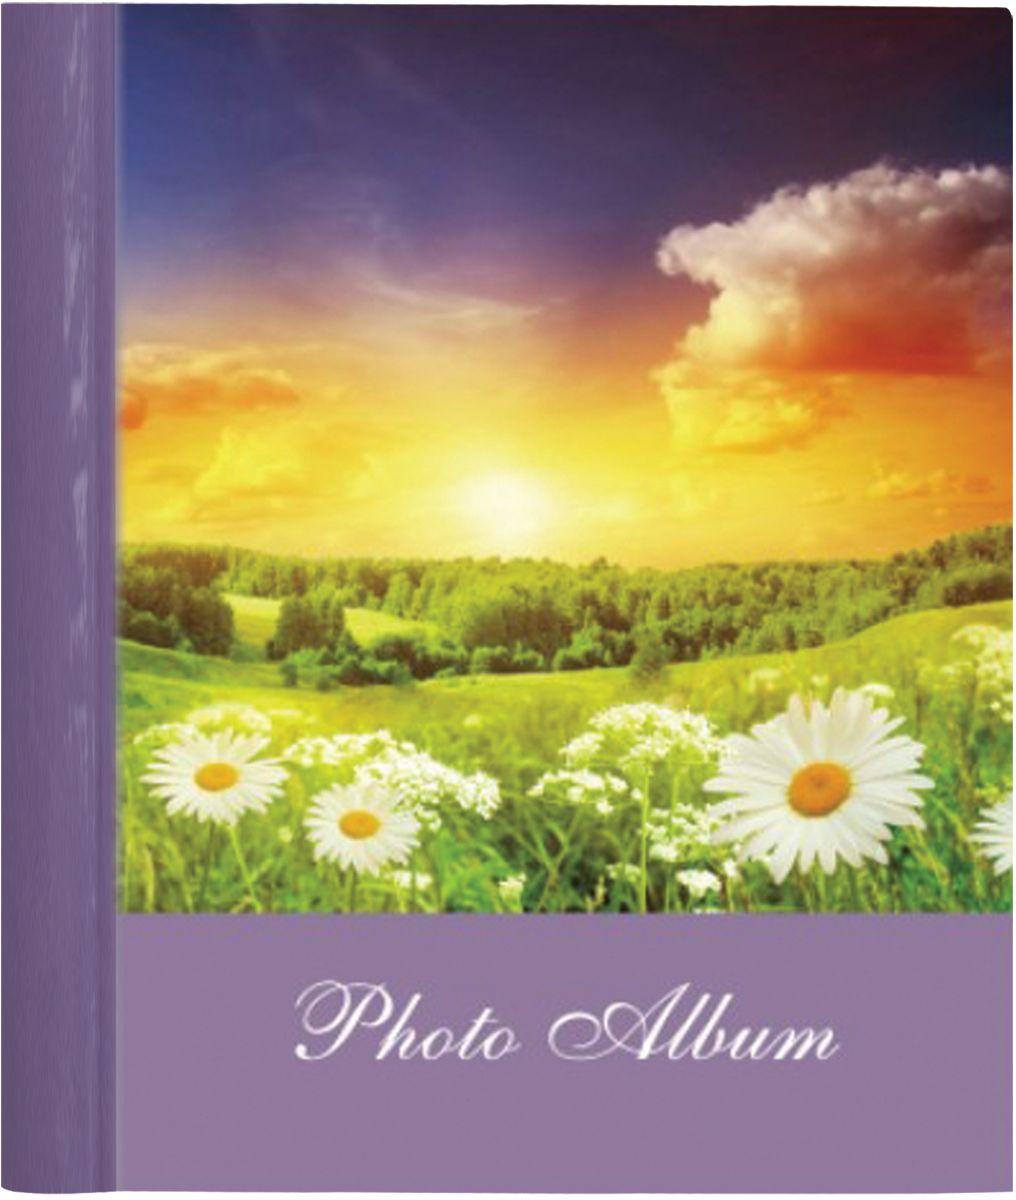 Фотоальбом Brauberg Рассвет, 10 магнитных листов, 23 x 28 см фотоальбом platinum классика 240 фотографий 10 x 15 см